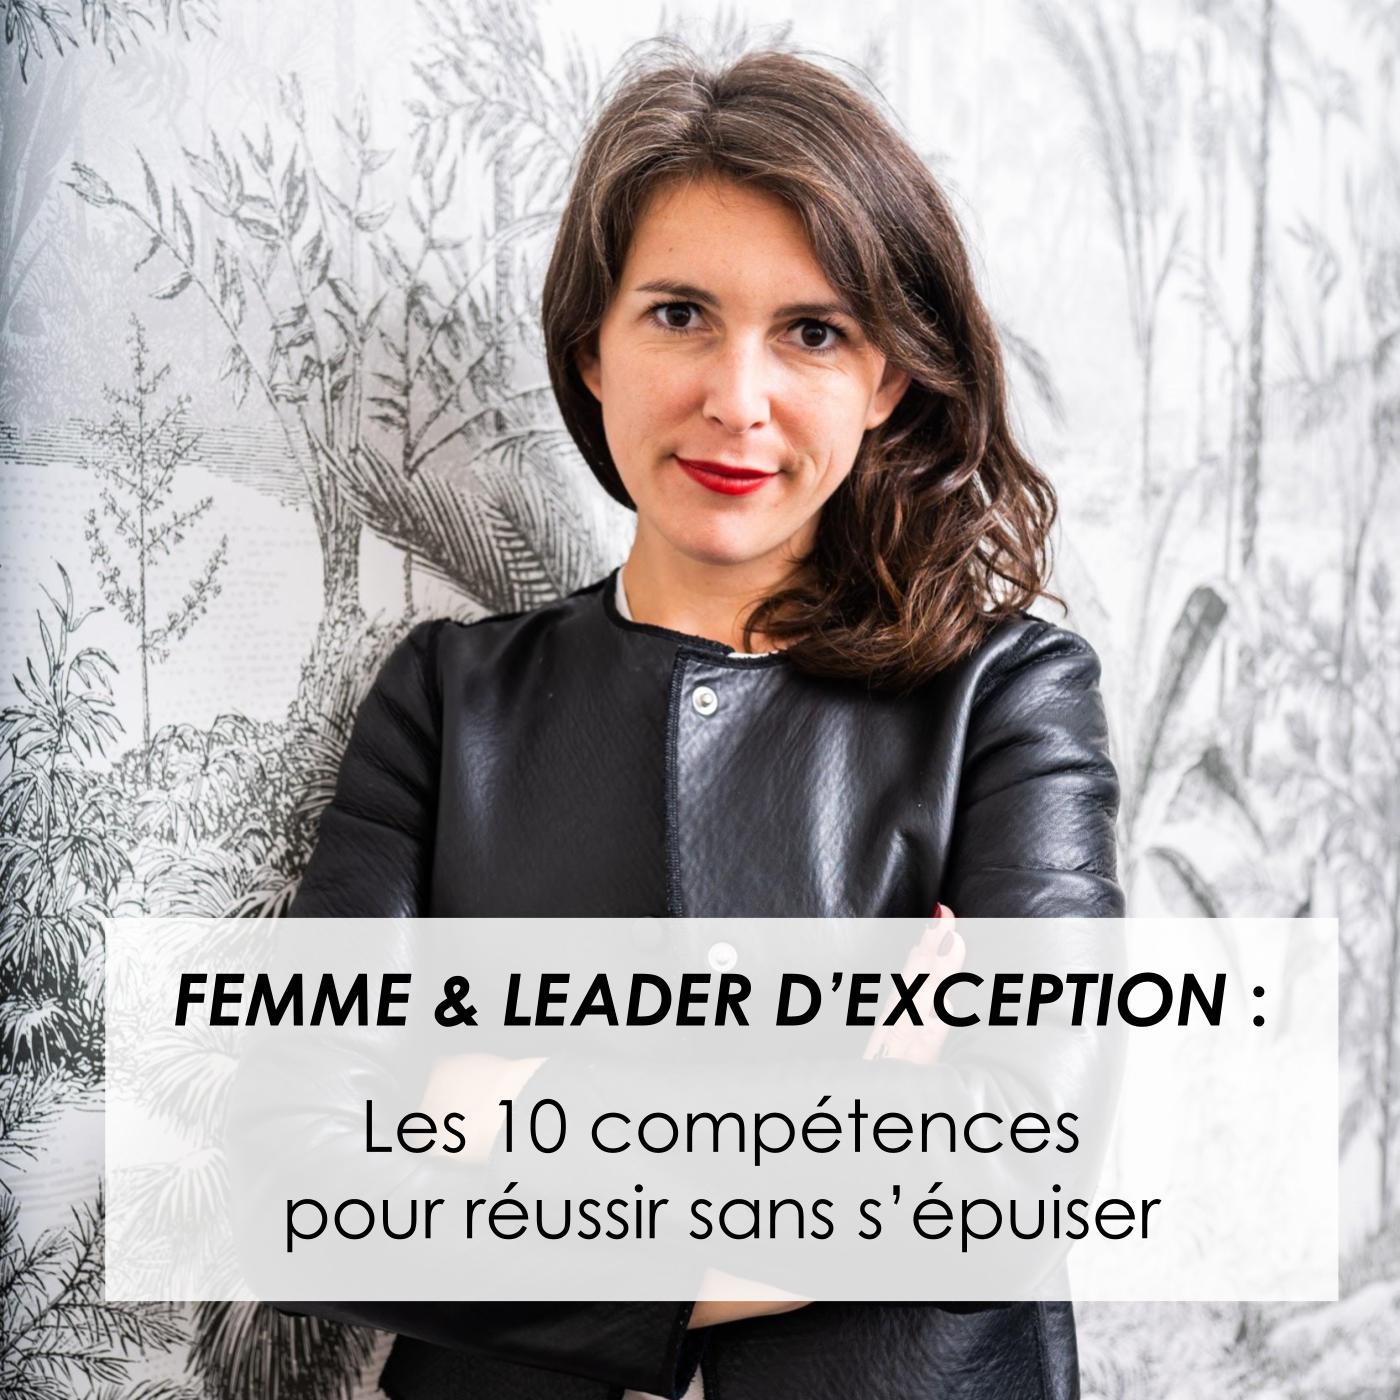 Guide Leader d'exception : les 10 compétences pour réussir sans s'épuiser